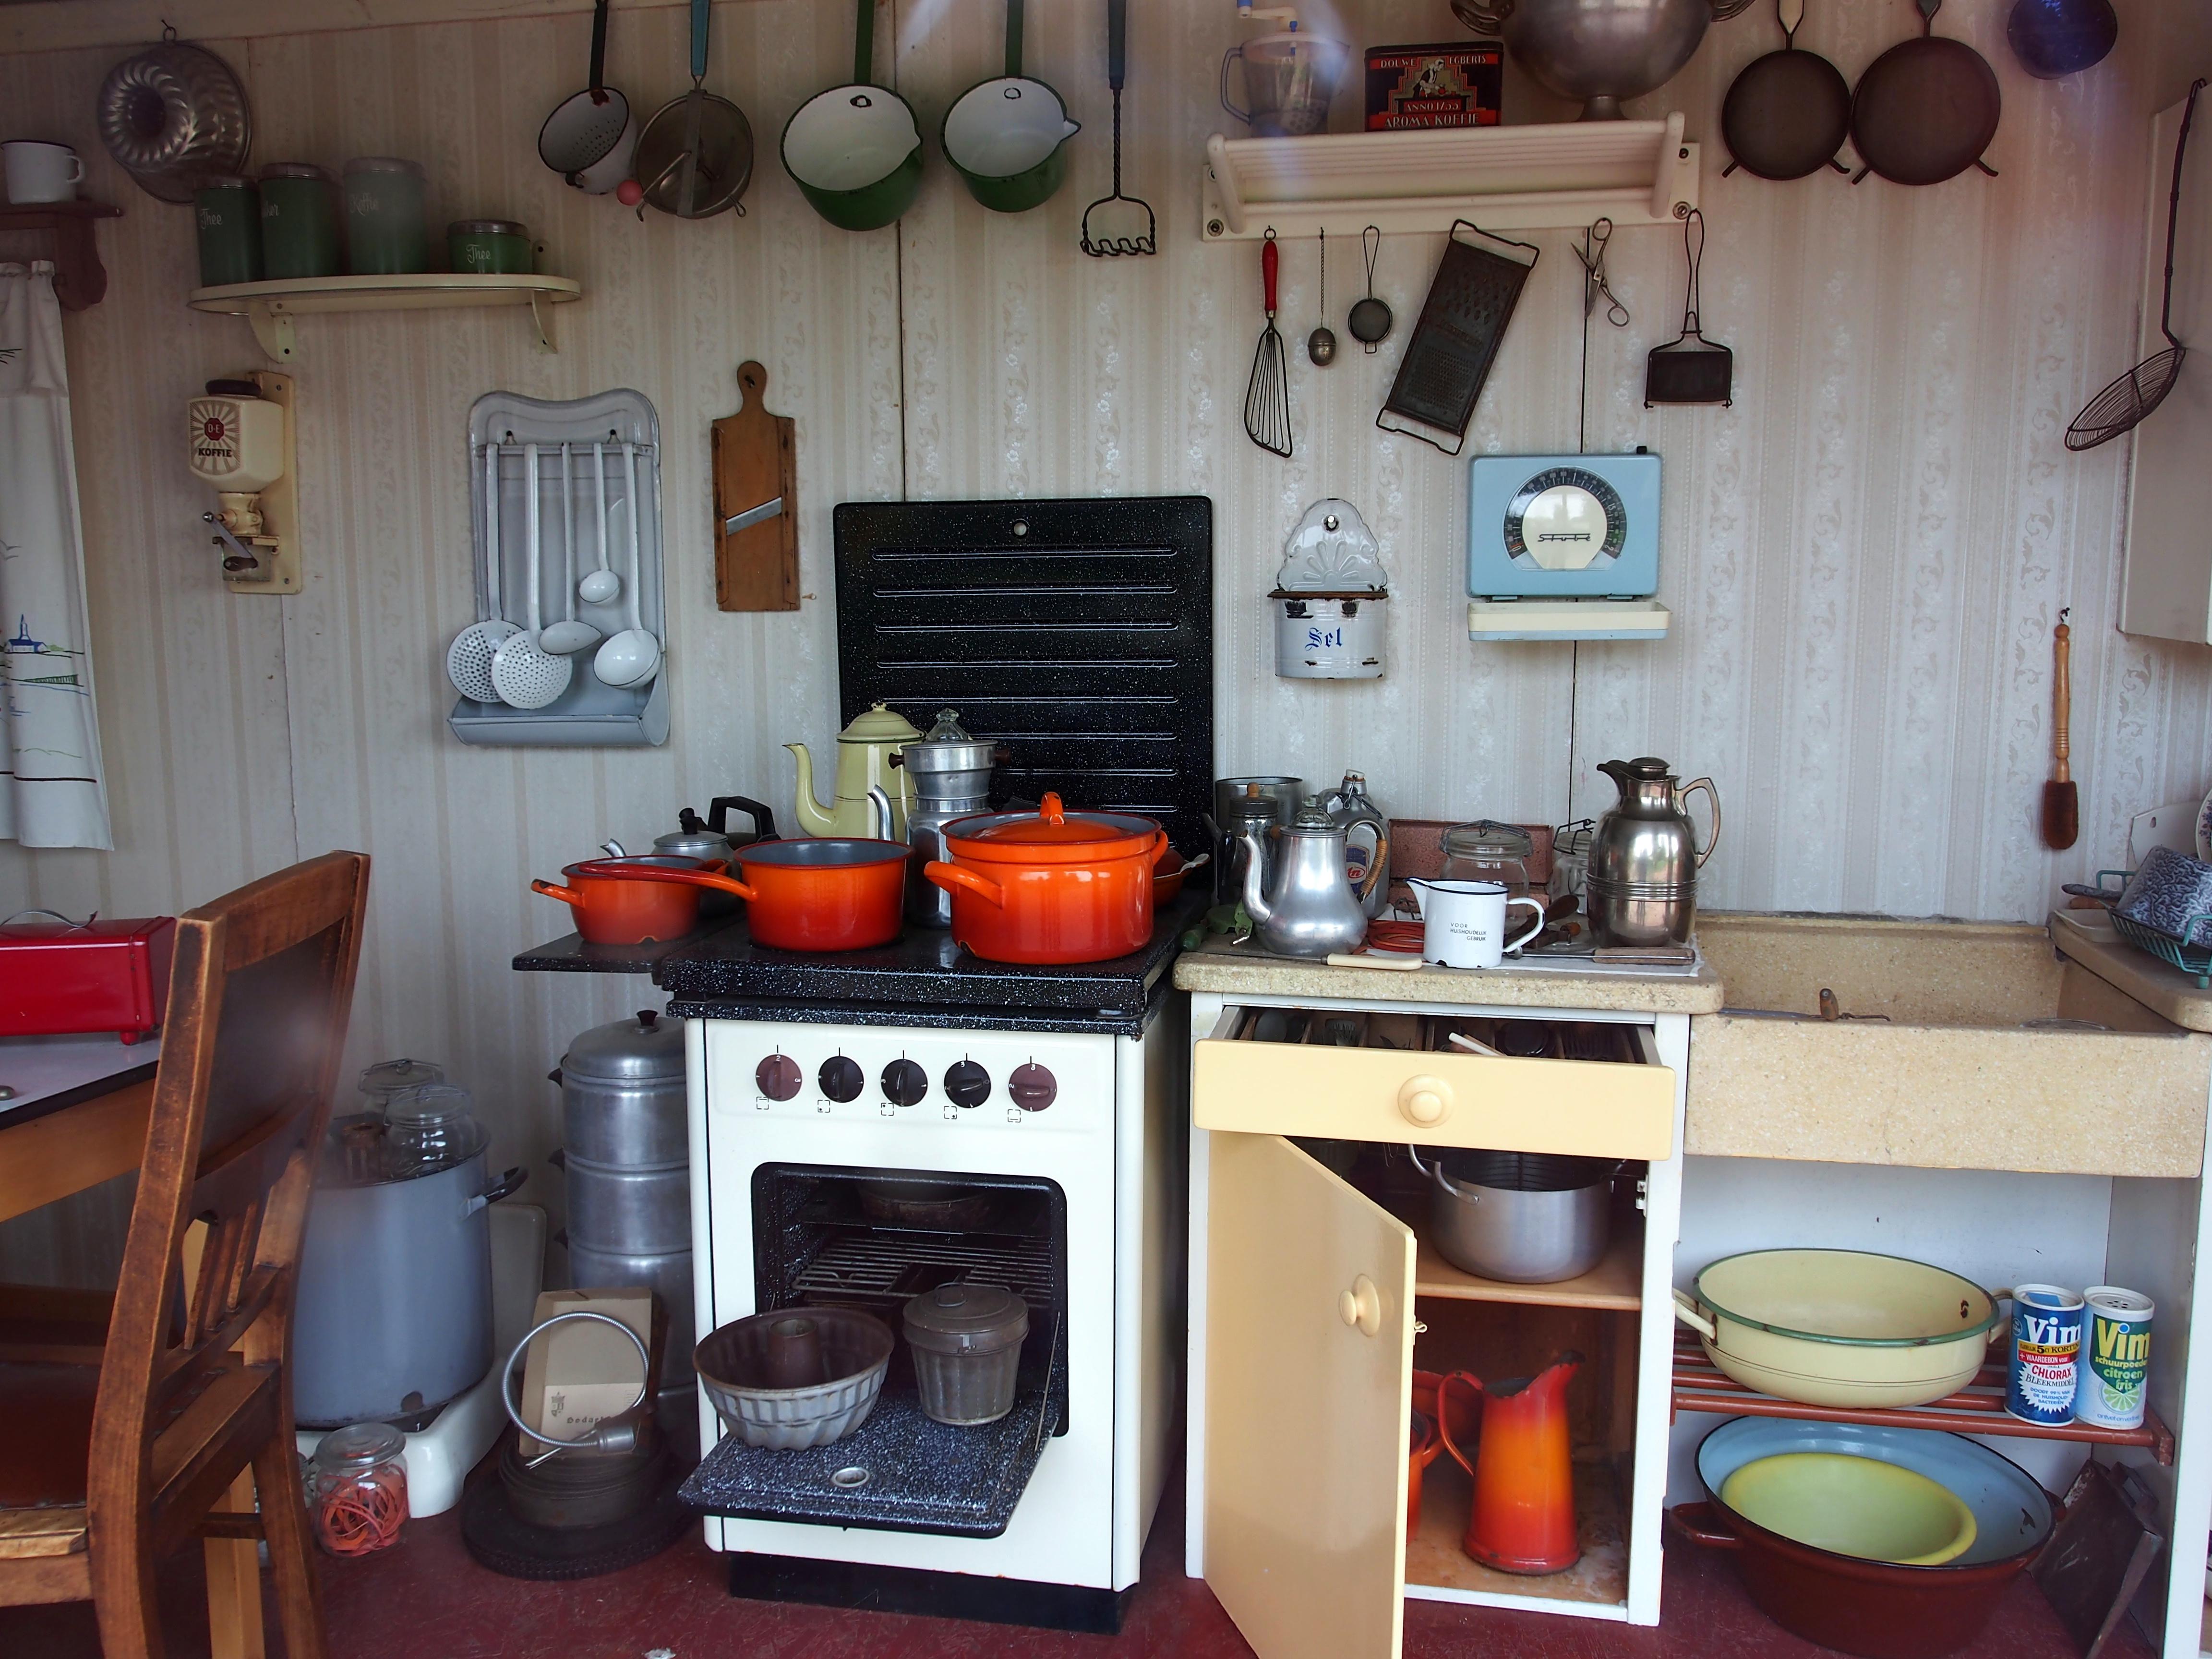 File:Oude (+-1950) hollandse keuken.JPG - Wikimedia Commons